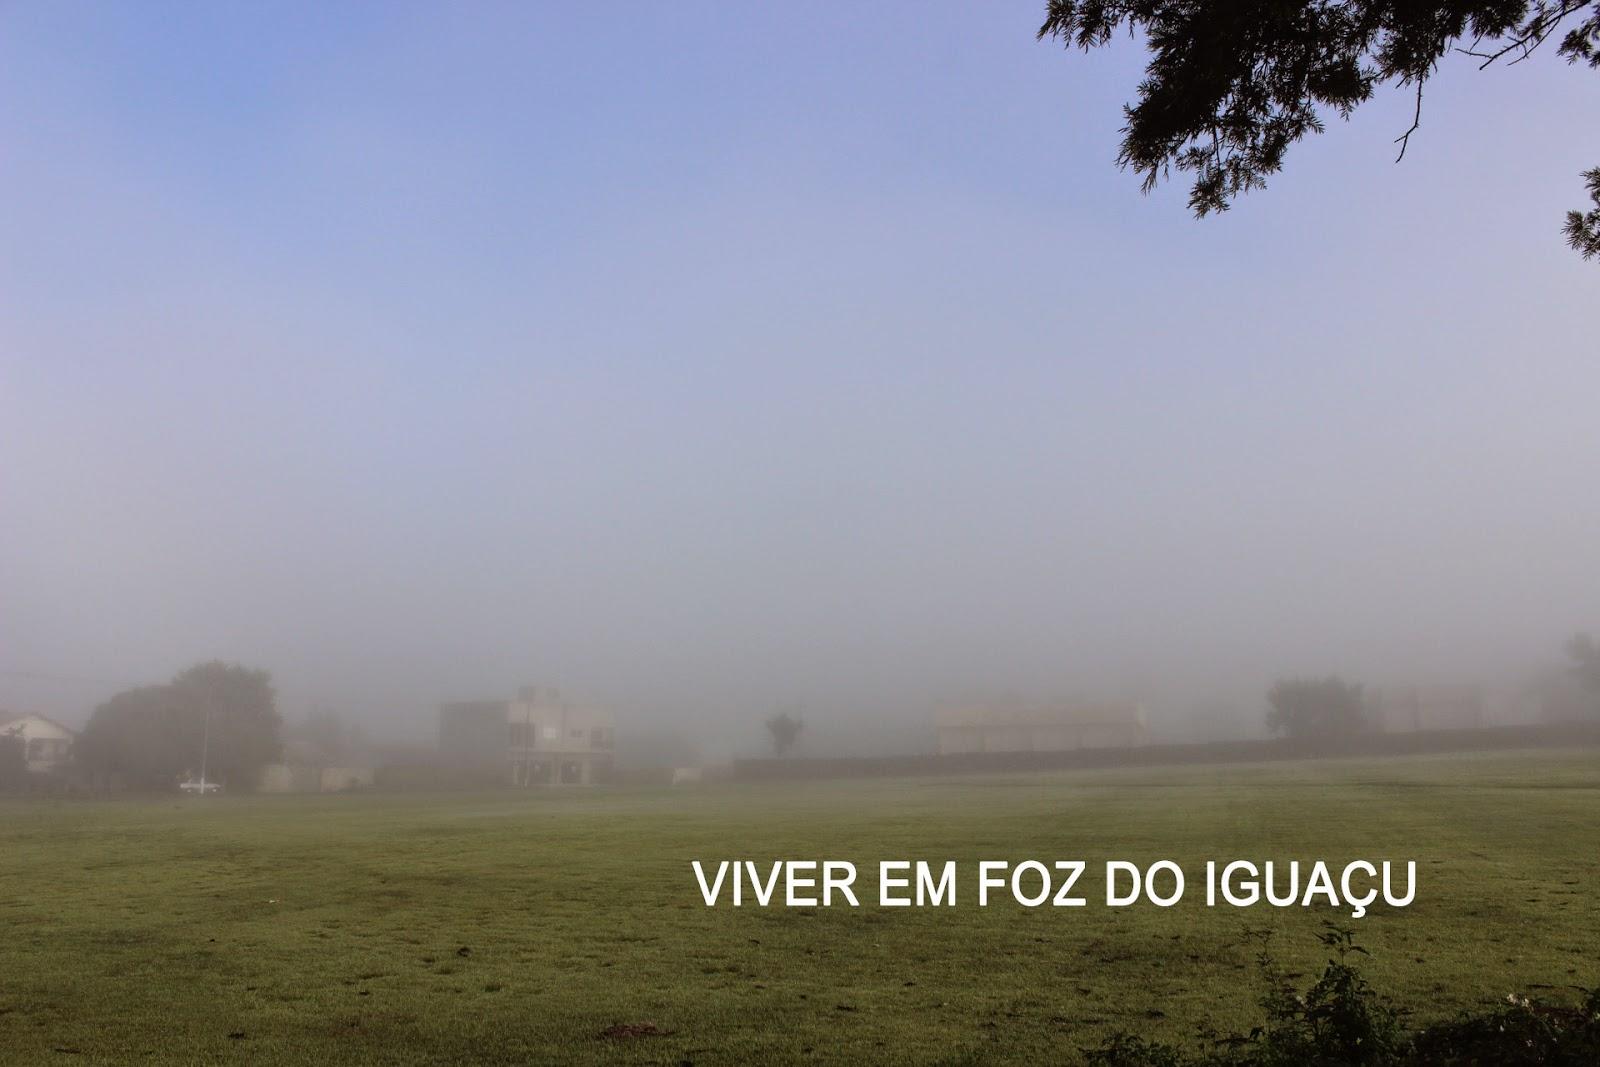 Temperatura em Foz do Iguaçu: Prenúncio de um Outono bem frio